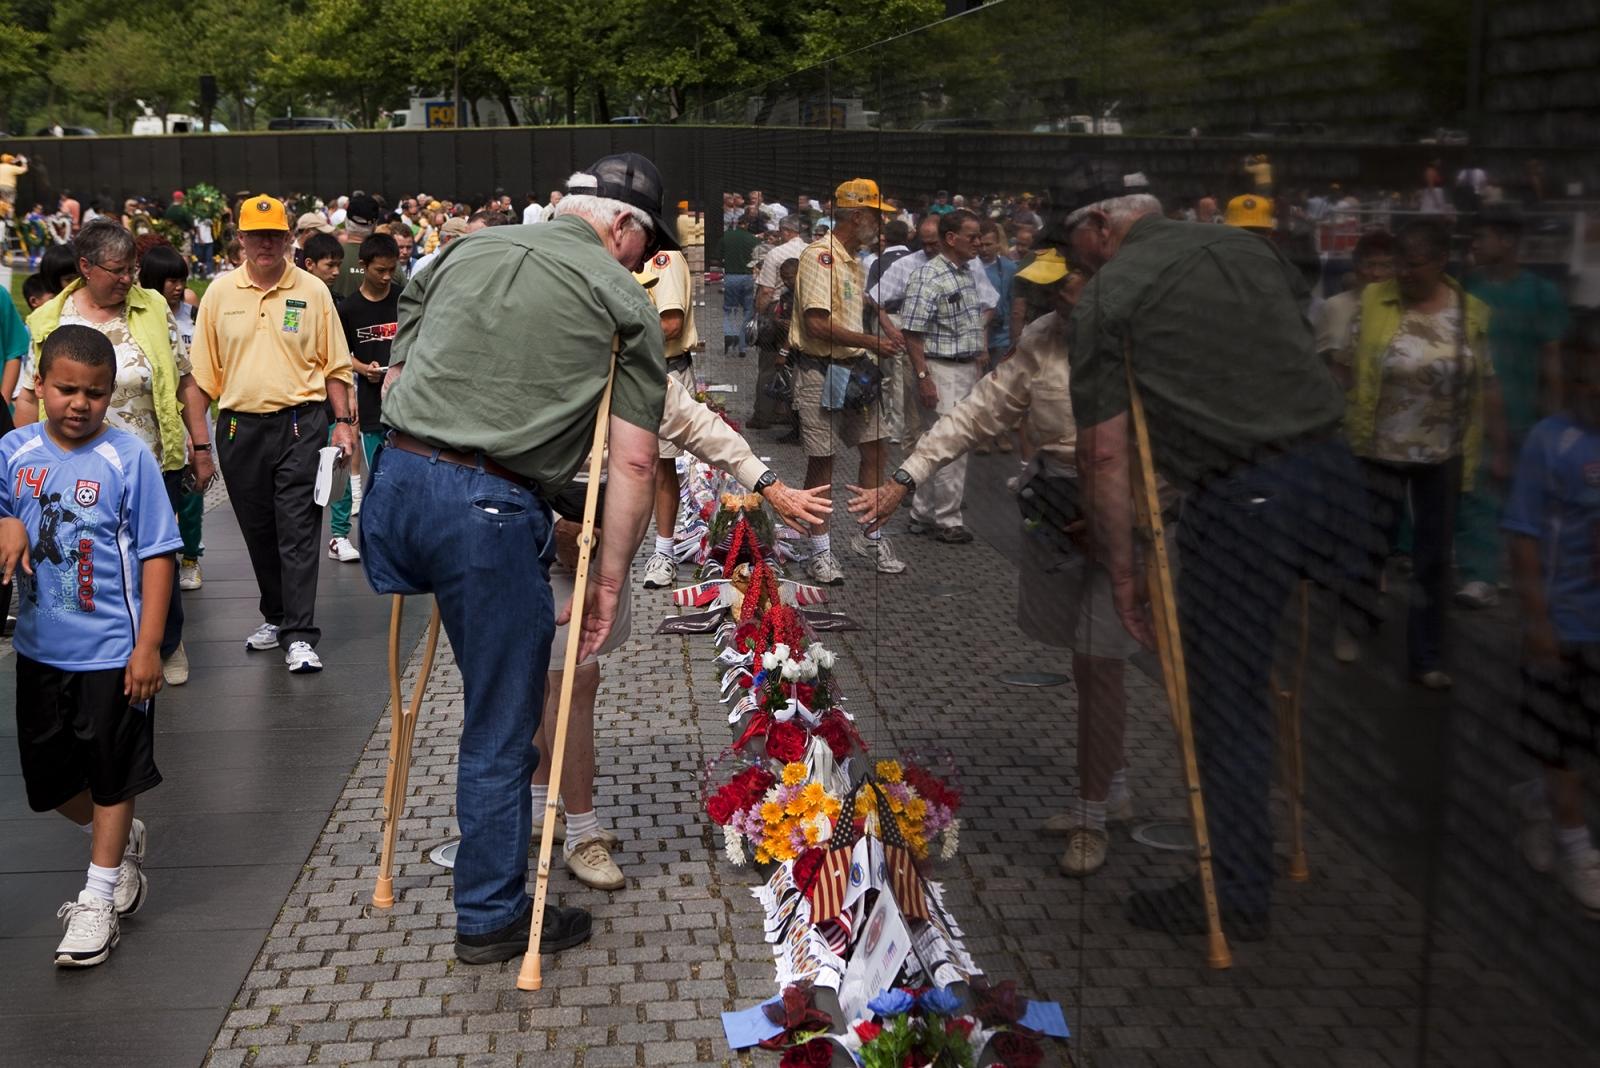 Memorial Day,Vietnam Veterans Memorial.